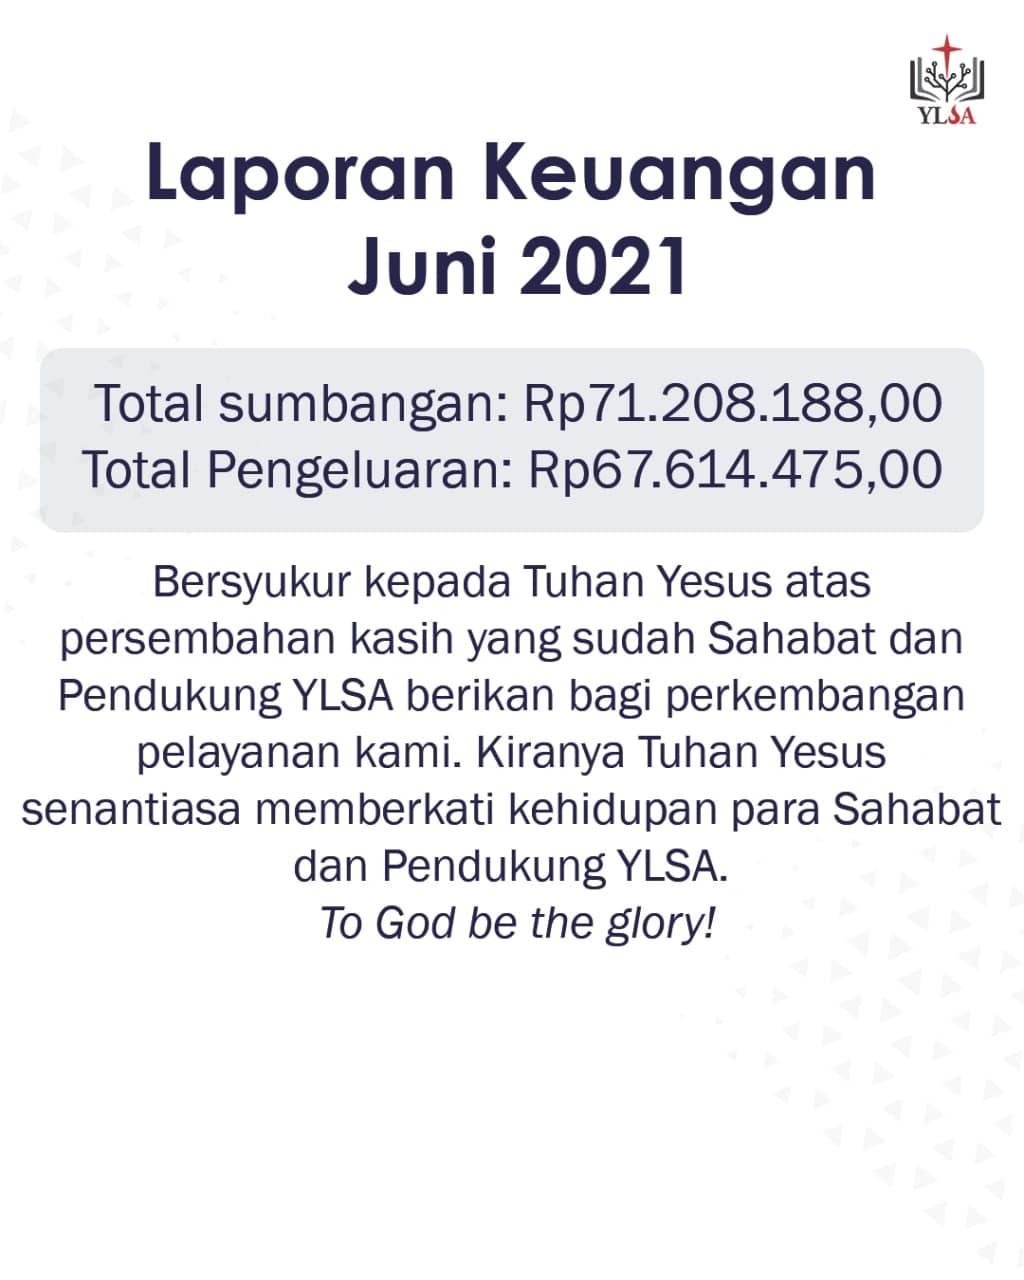 Laporan keuangan YLSA Juni 2021.